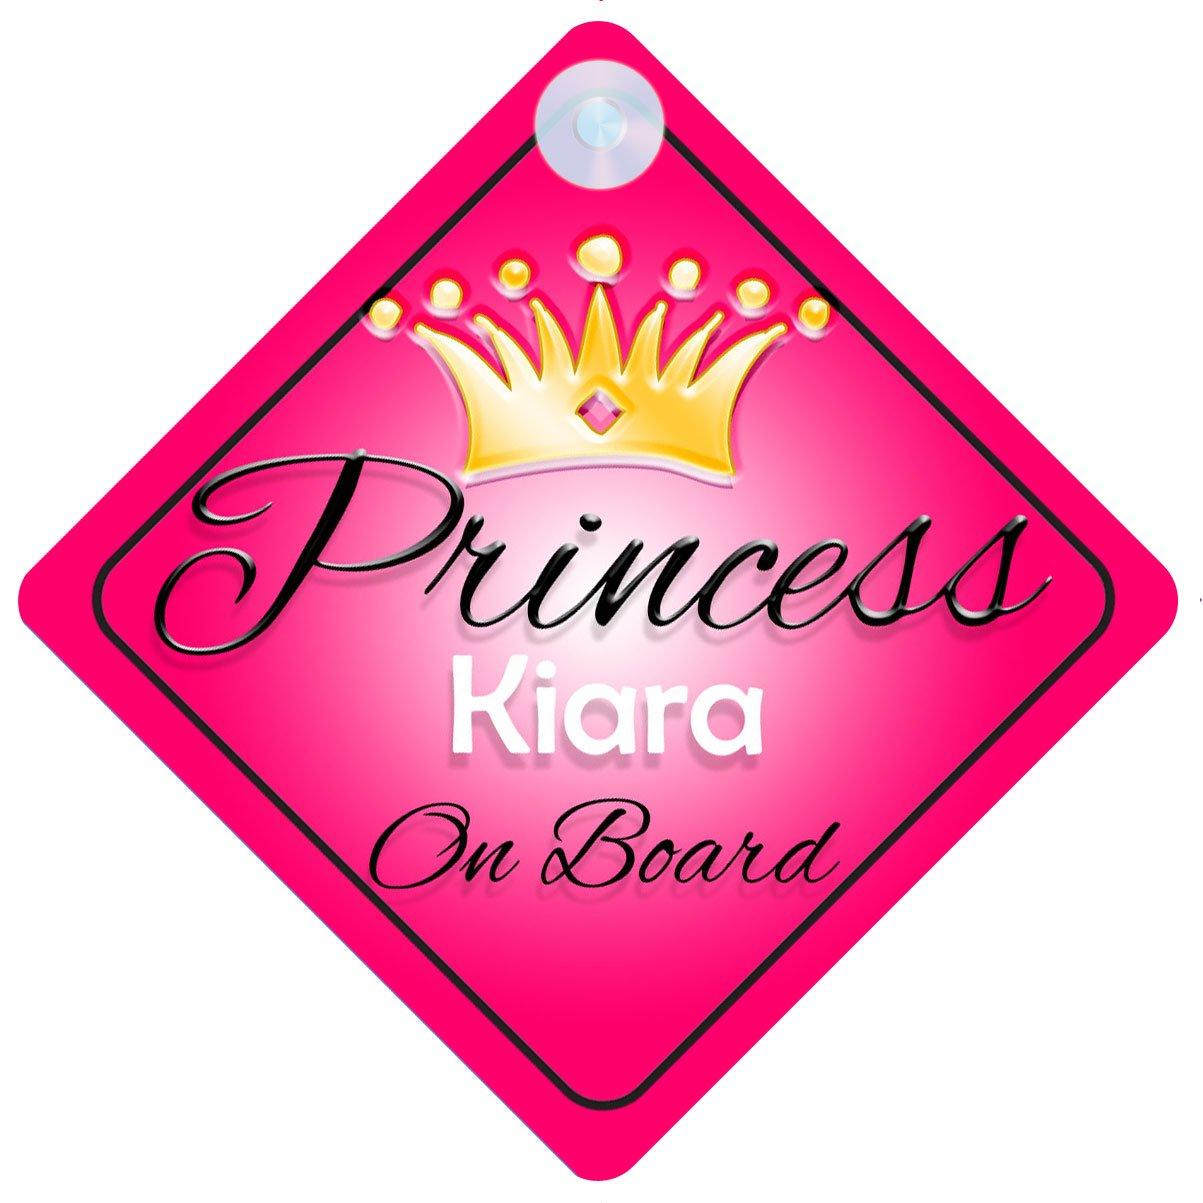 Princesse Kiara on Board Personnalis/é Fille Voiture Panneau pour b/éb/é//enfant cadeau 001